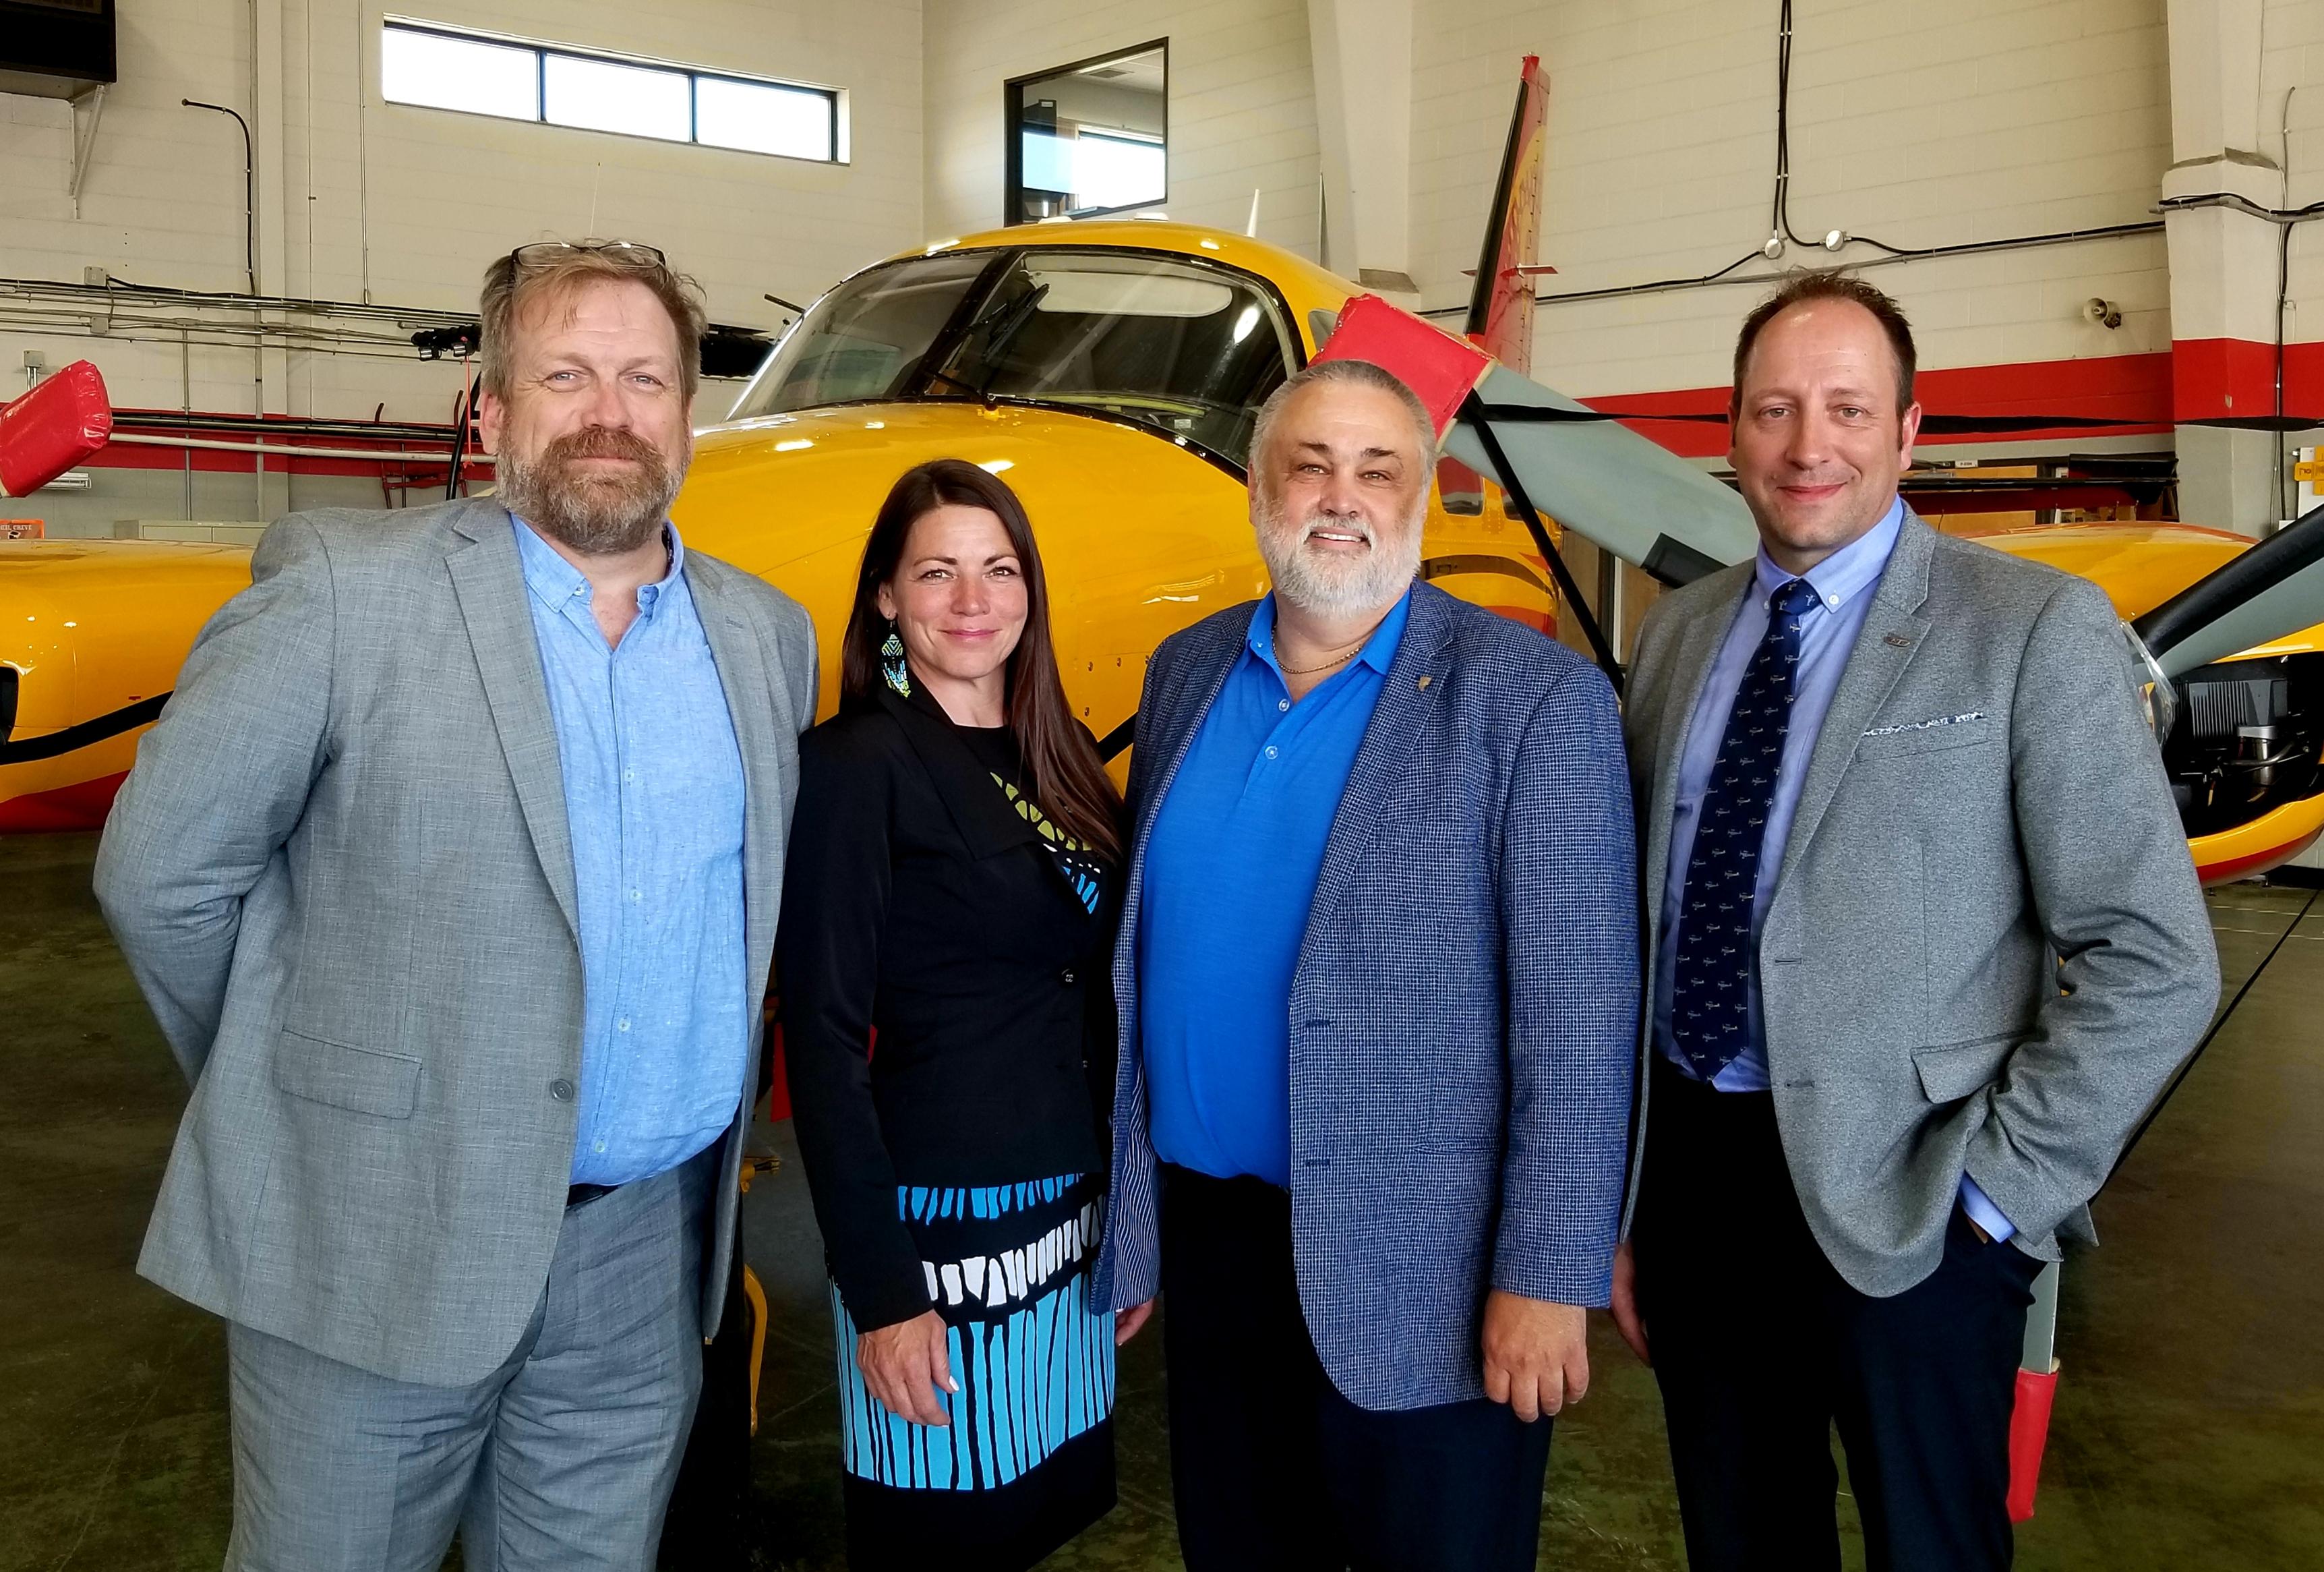 Des représentants du Cégep de Chicoutimi, du CQFA et du Cégep de l'Abitibi-Témiscamingue ont annoncé la création d'une nouvelle AEC pour former les pilotes d'aéronefs majoritairement autochtones.